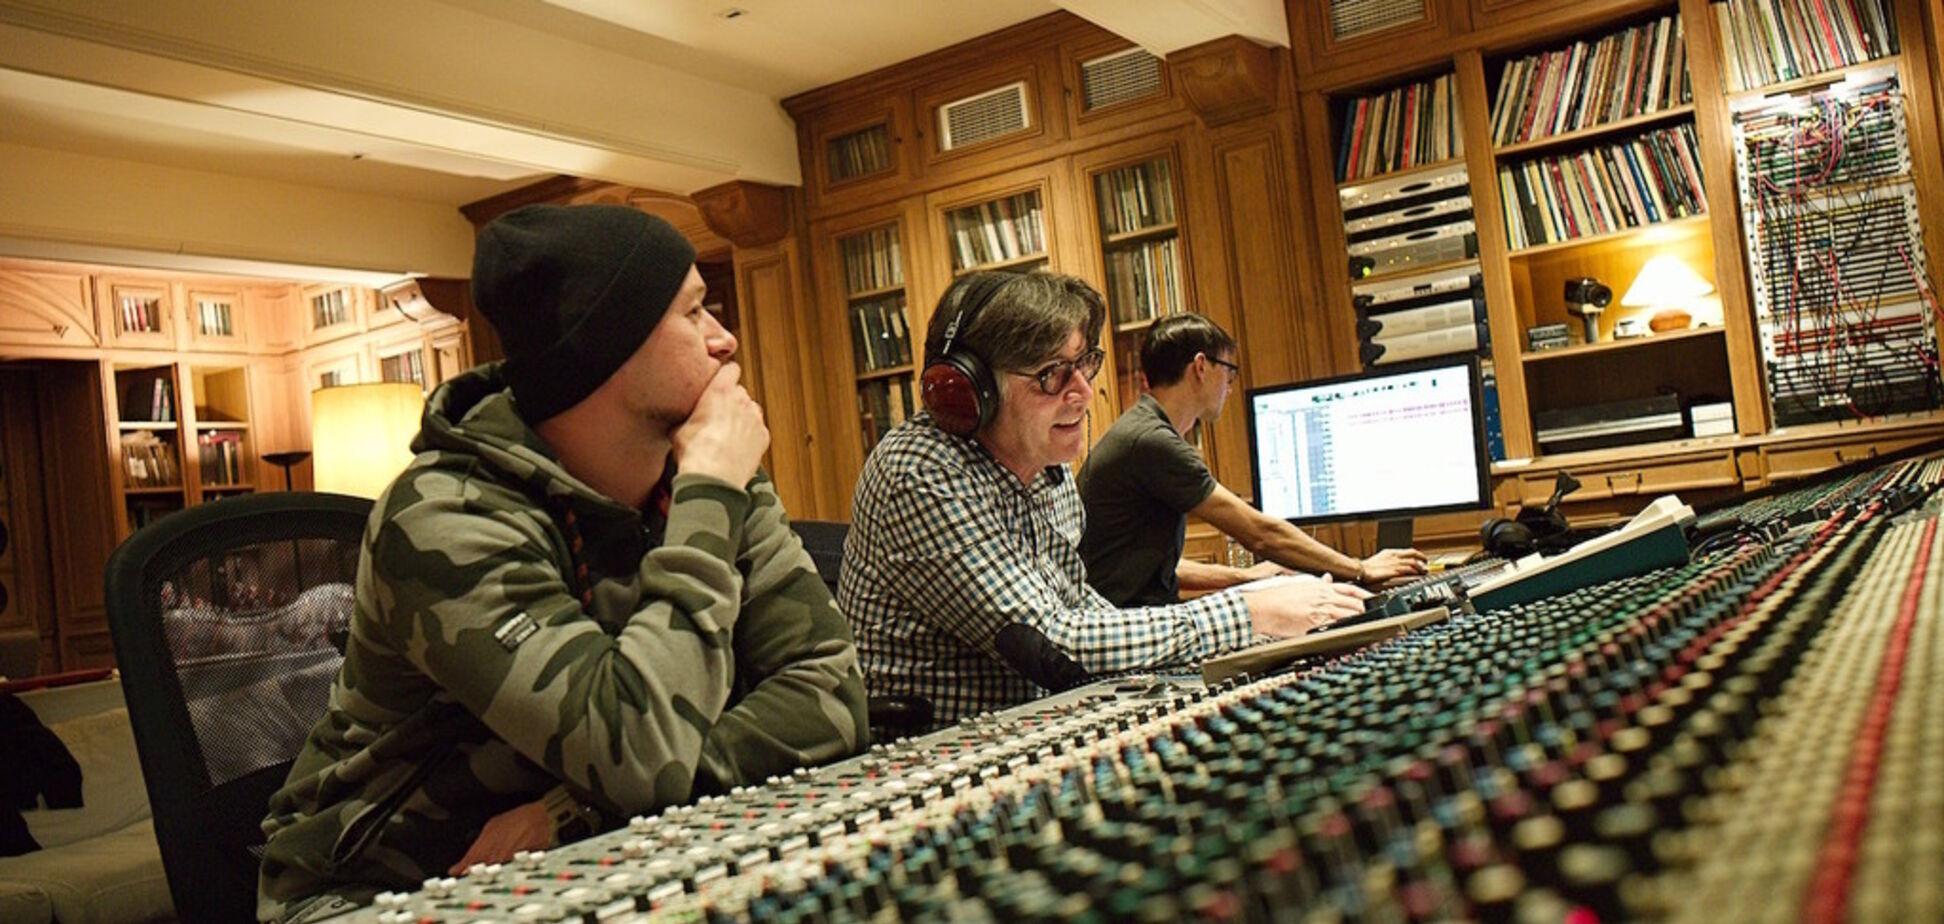 Вслед за Radiohead и Rammstein: украинцы запишут новый альбом на знаменитой студии